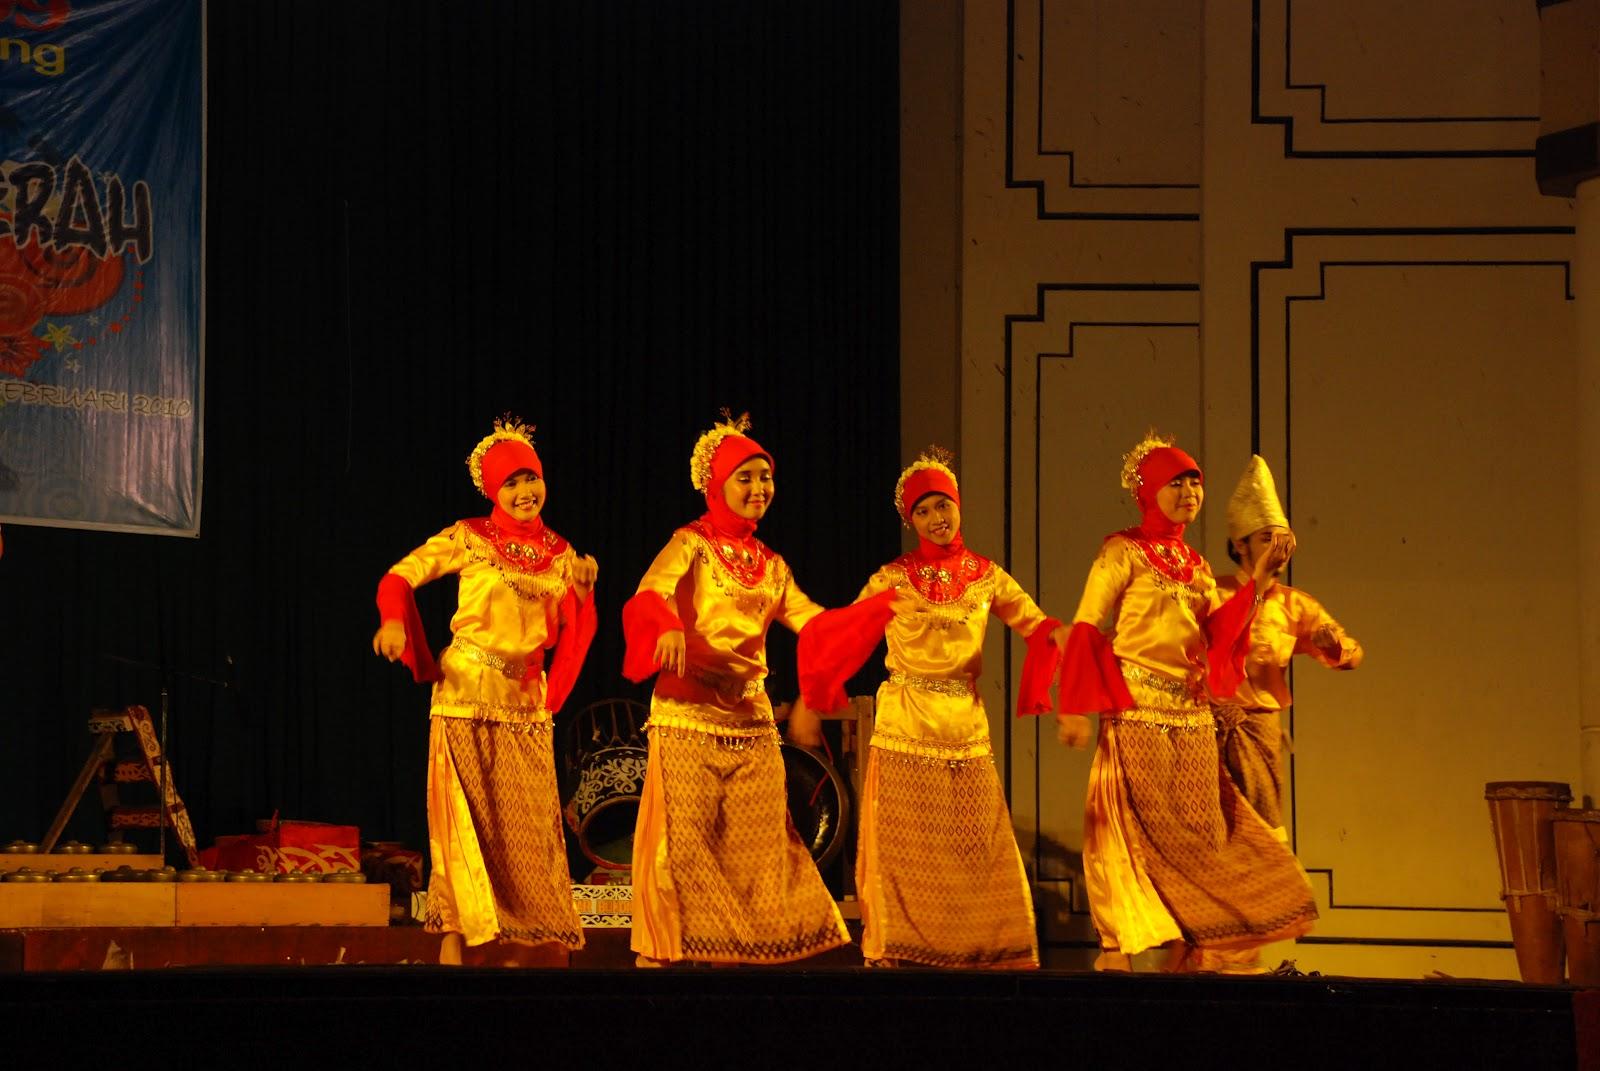 RAHADI OSMAN 1 YOGYAKARTA: Pertunjukan Tari Daerah